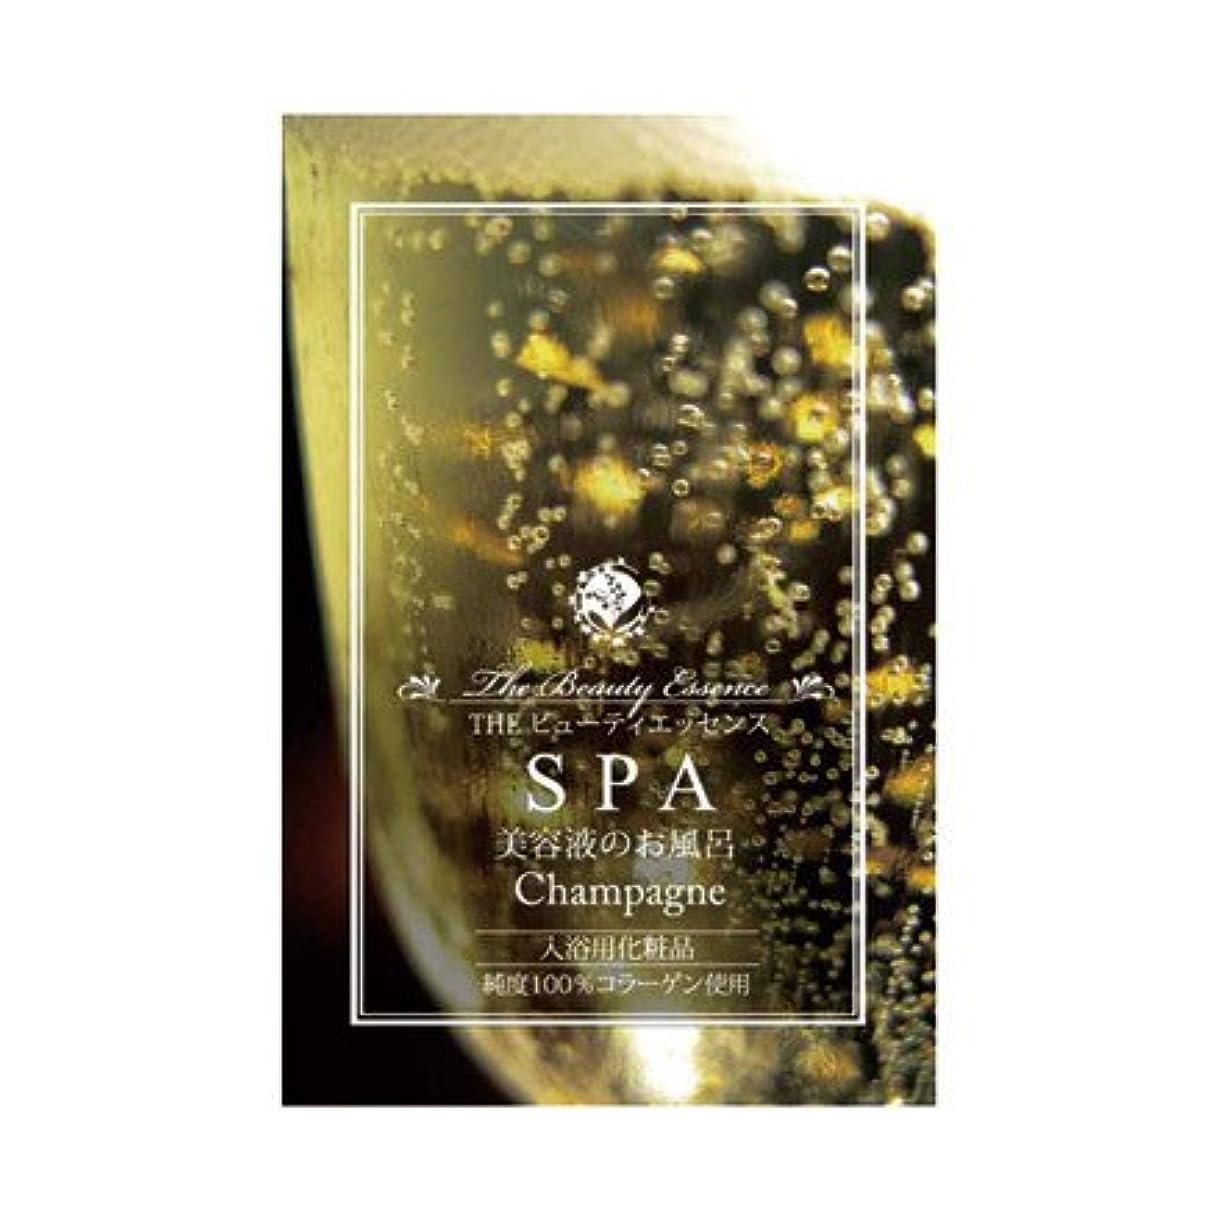 策定する服主人ビューティエッセンスSPA シャンパン 50g(入浴剤)